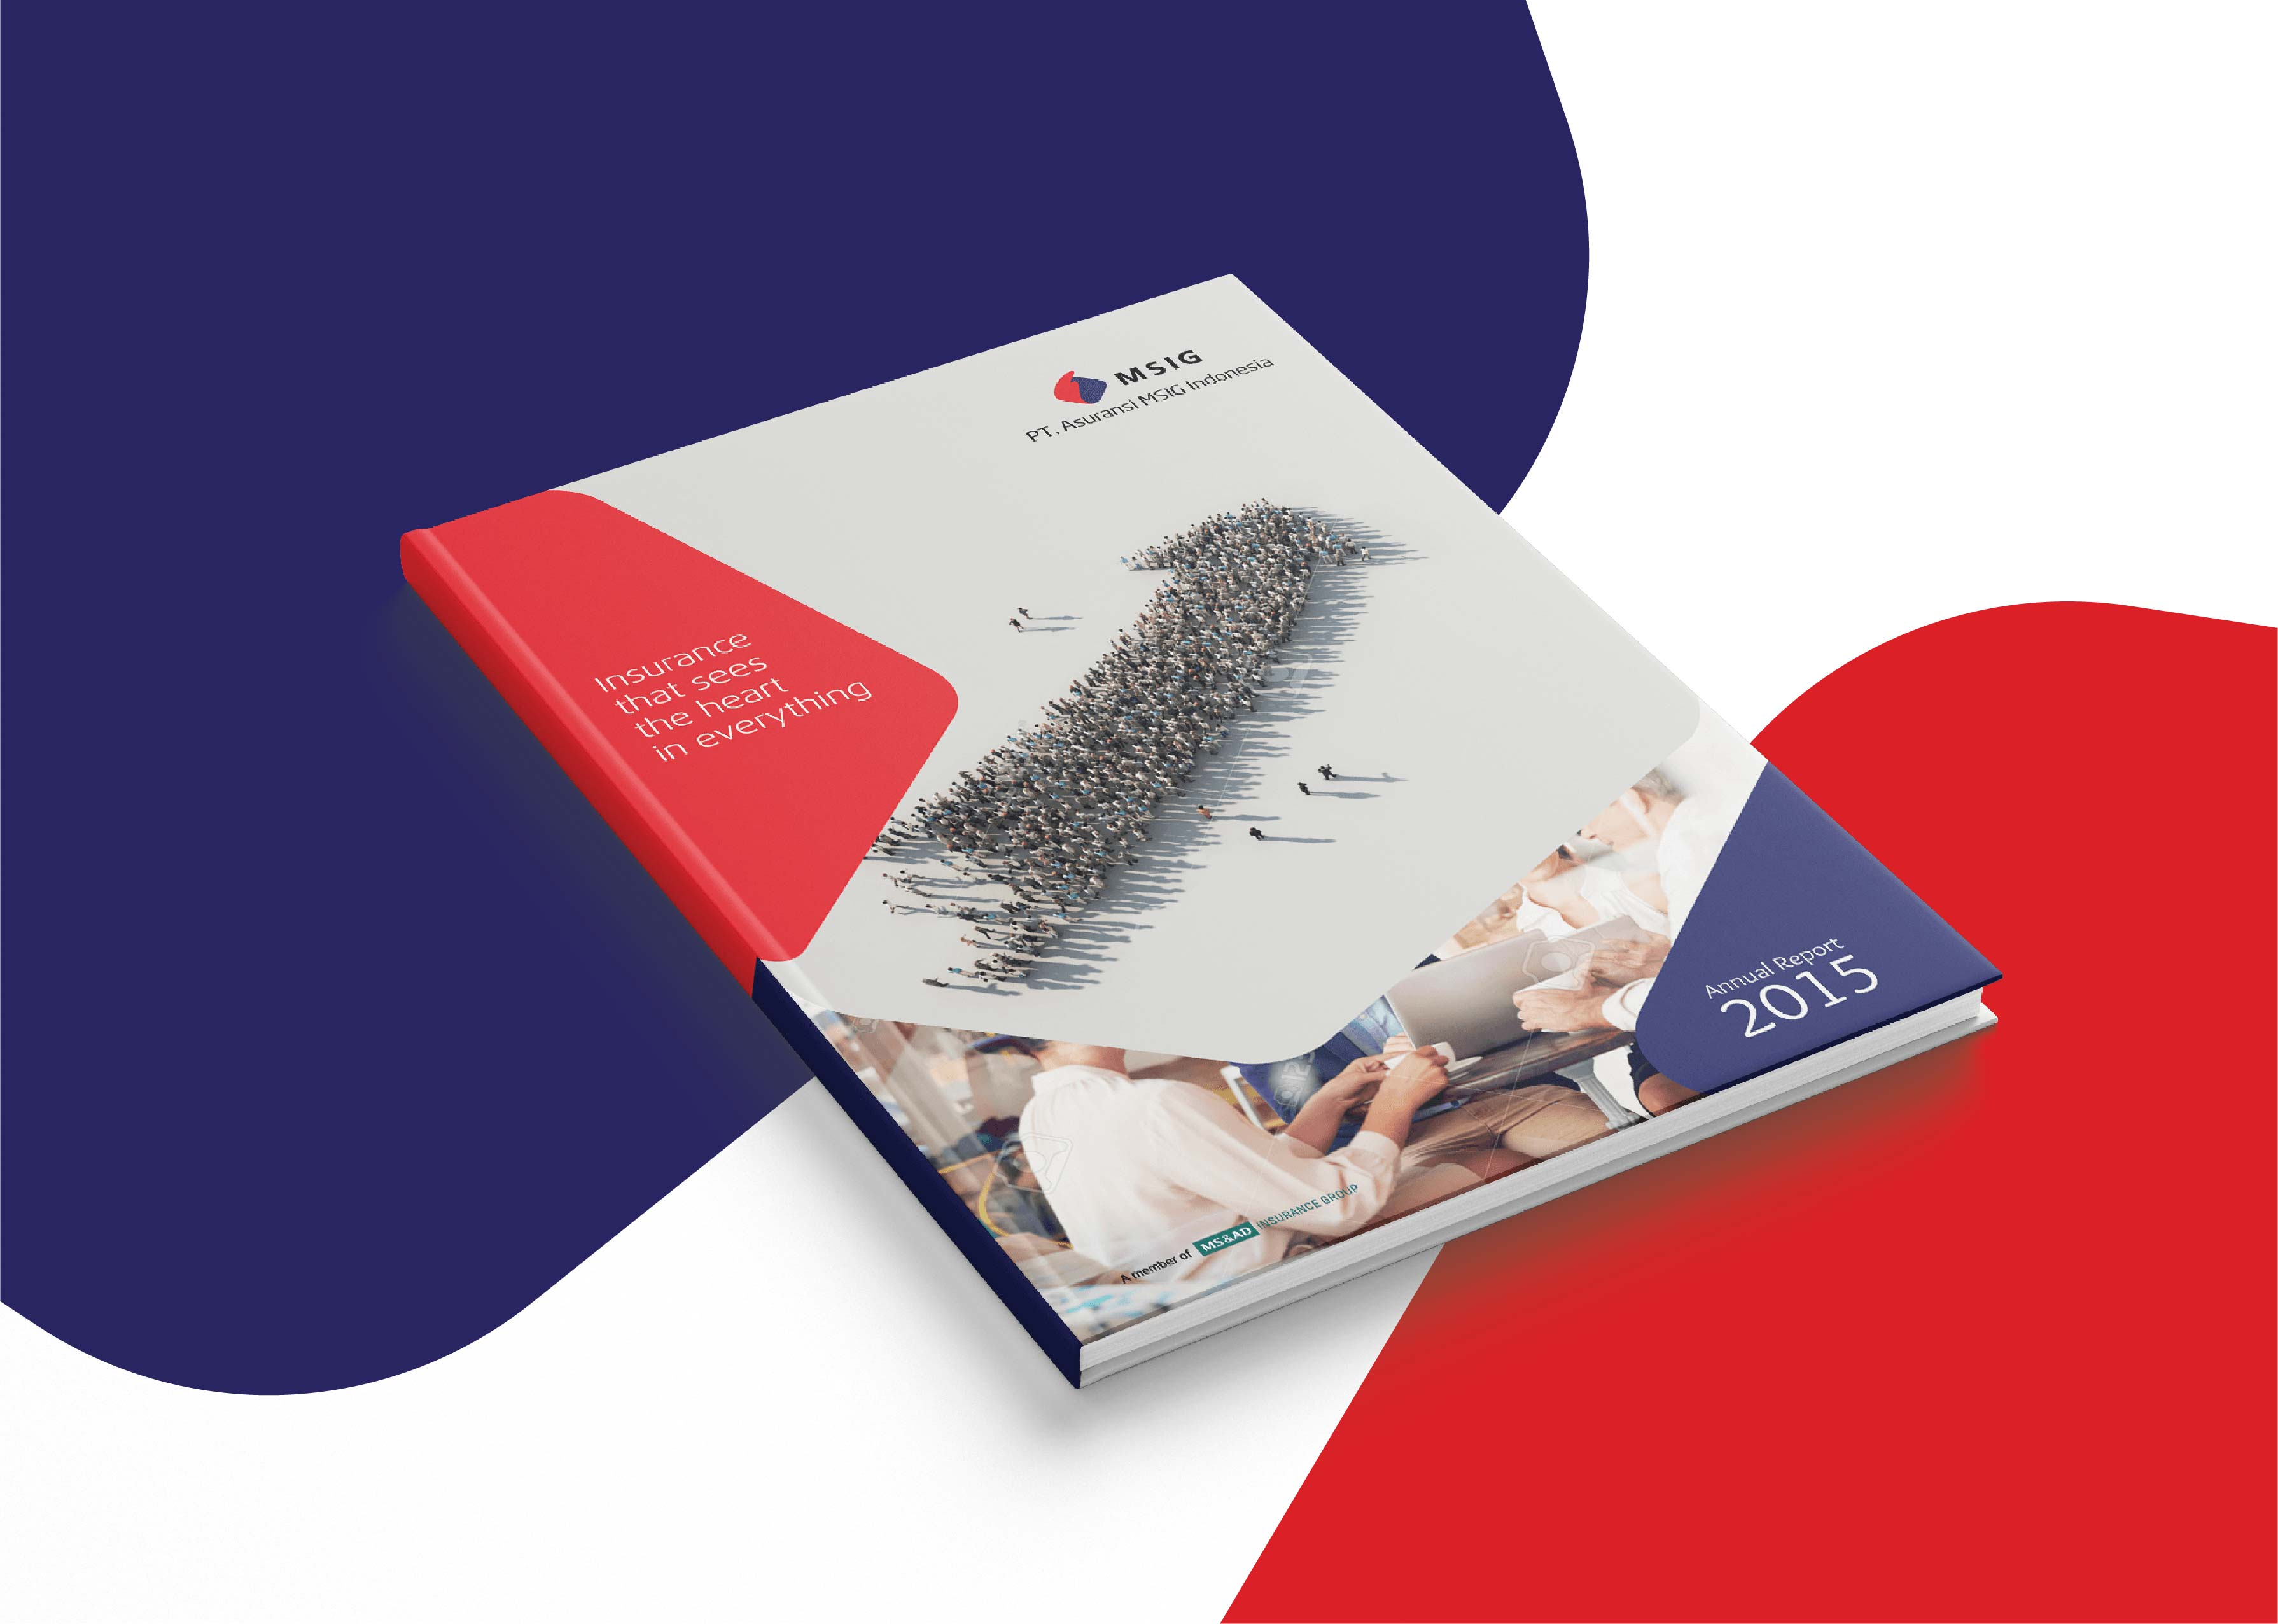 Jasa Desain Annual Report Perusahaan MSIG Th 2015 01